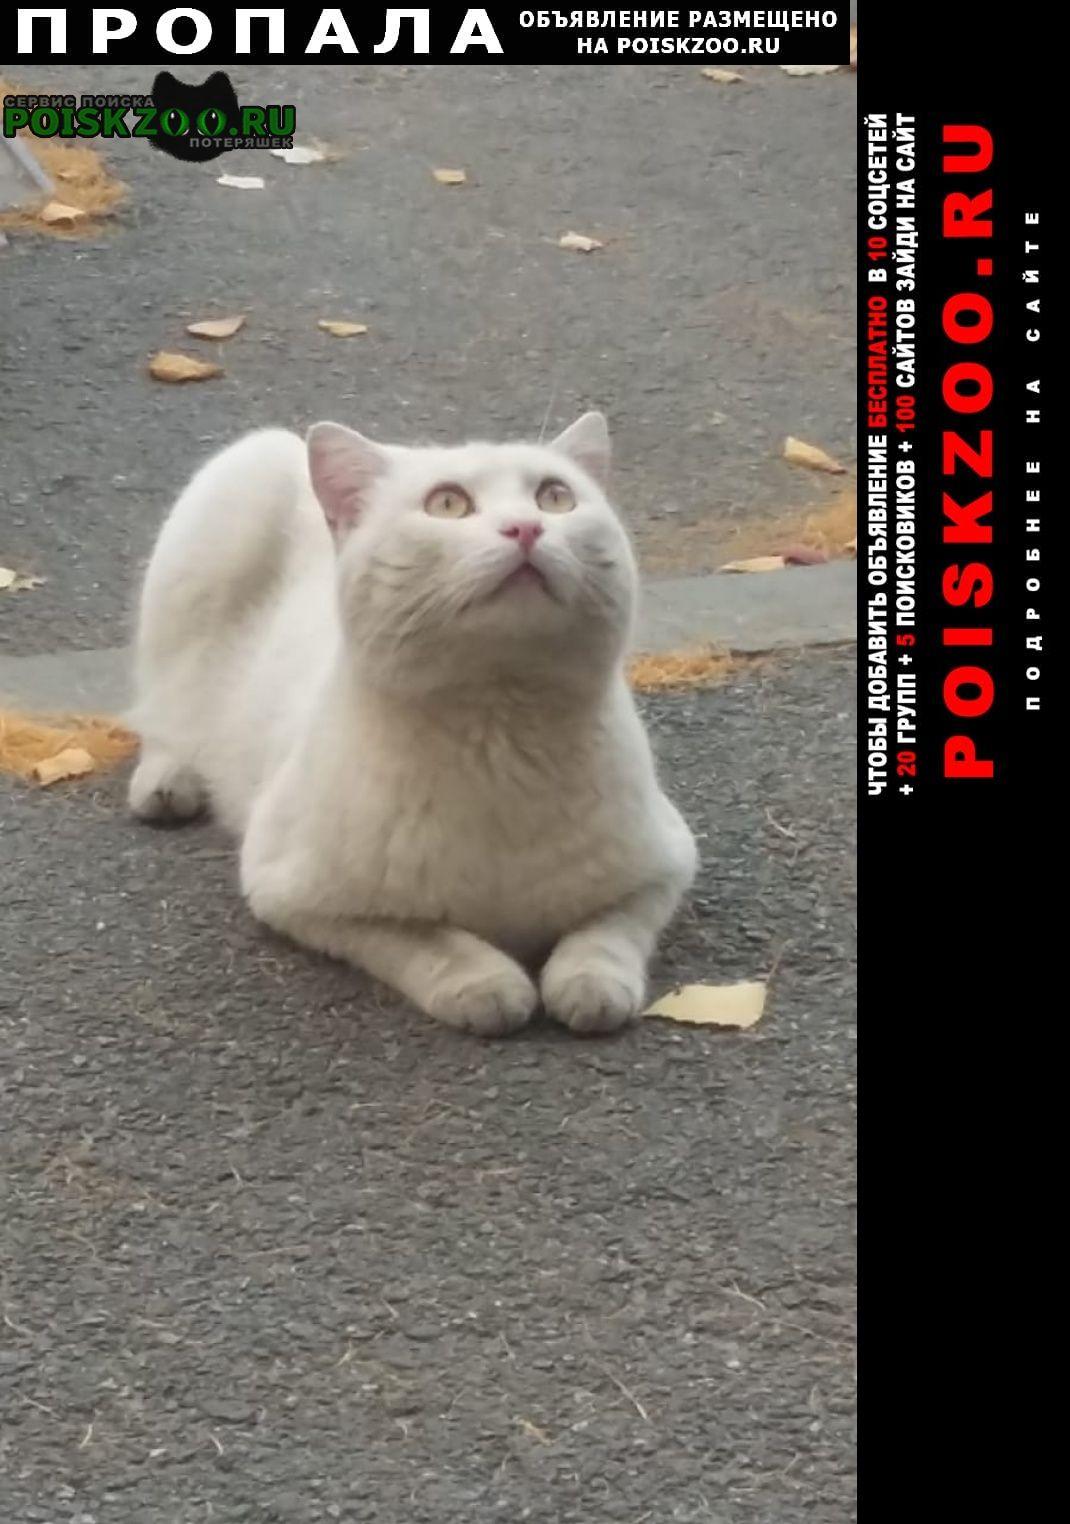 Пропала кошка любимый белый кот Курган